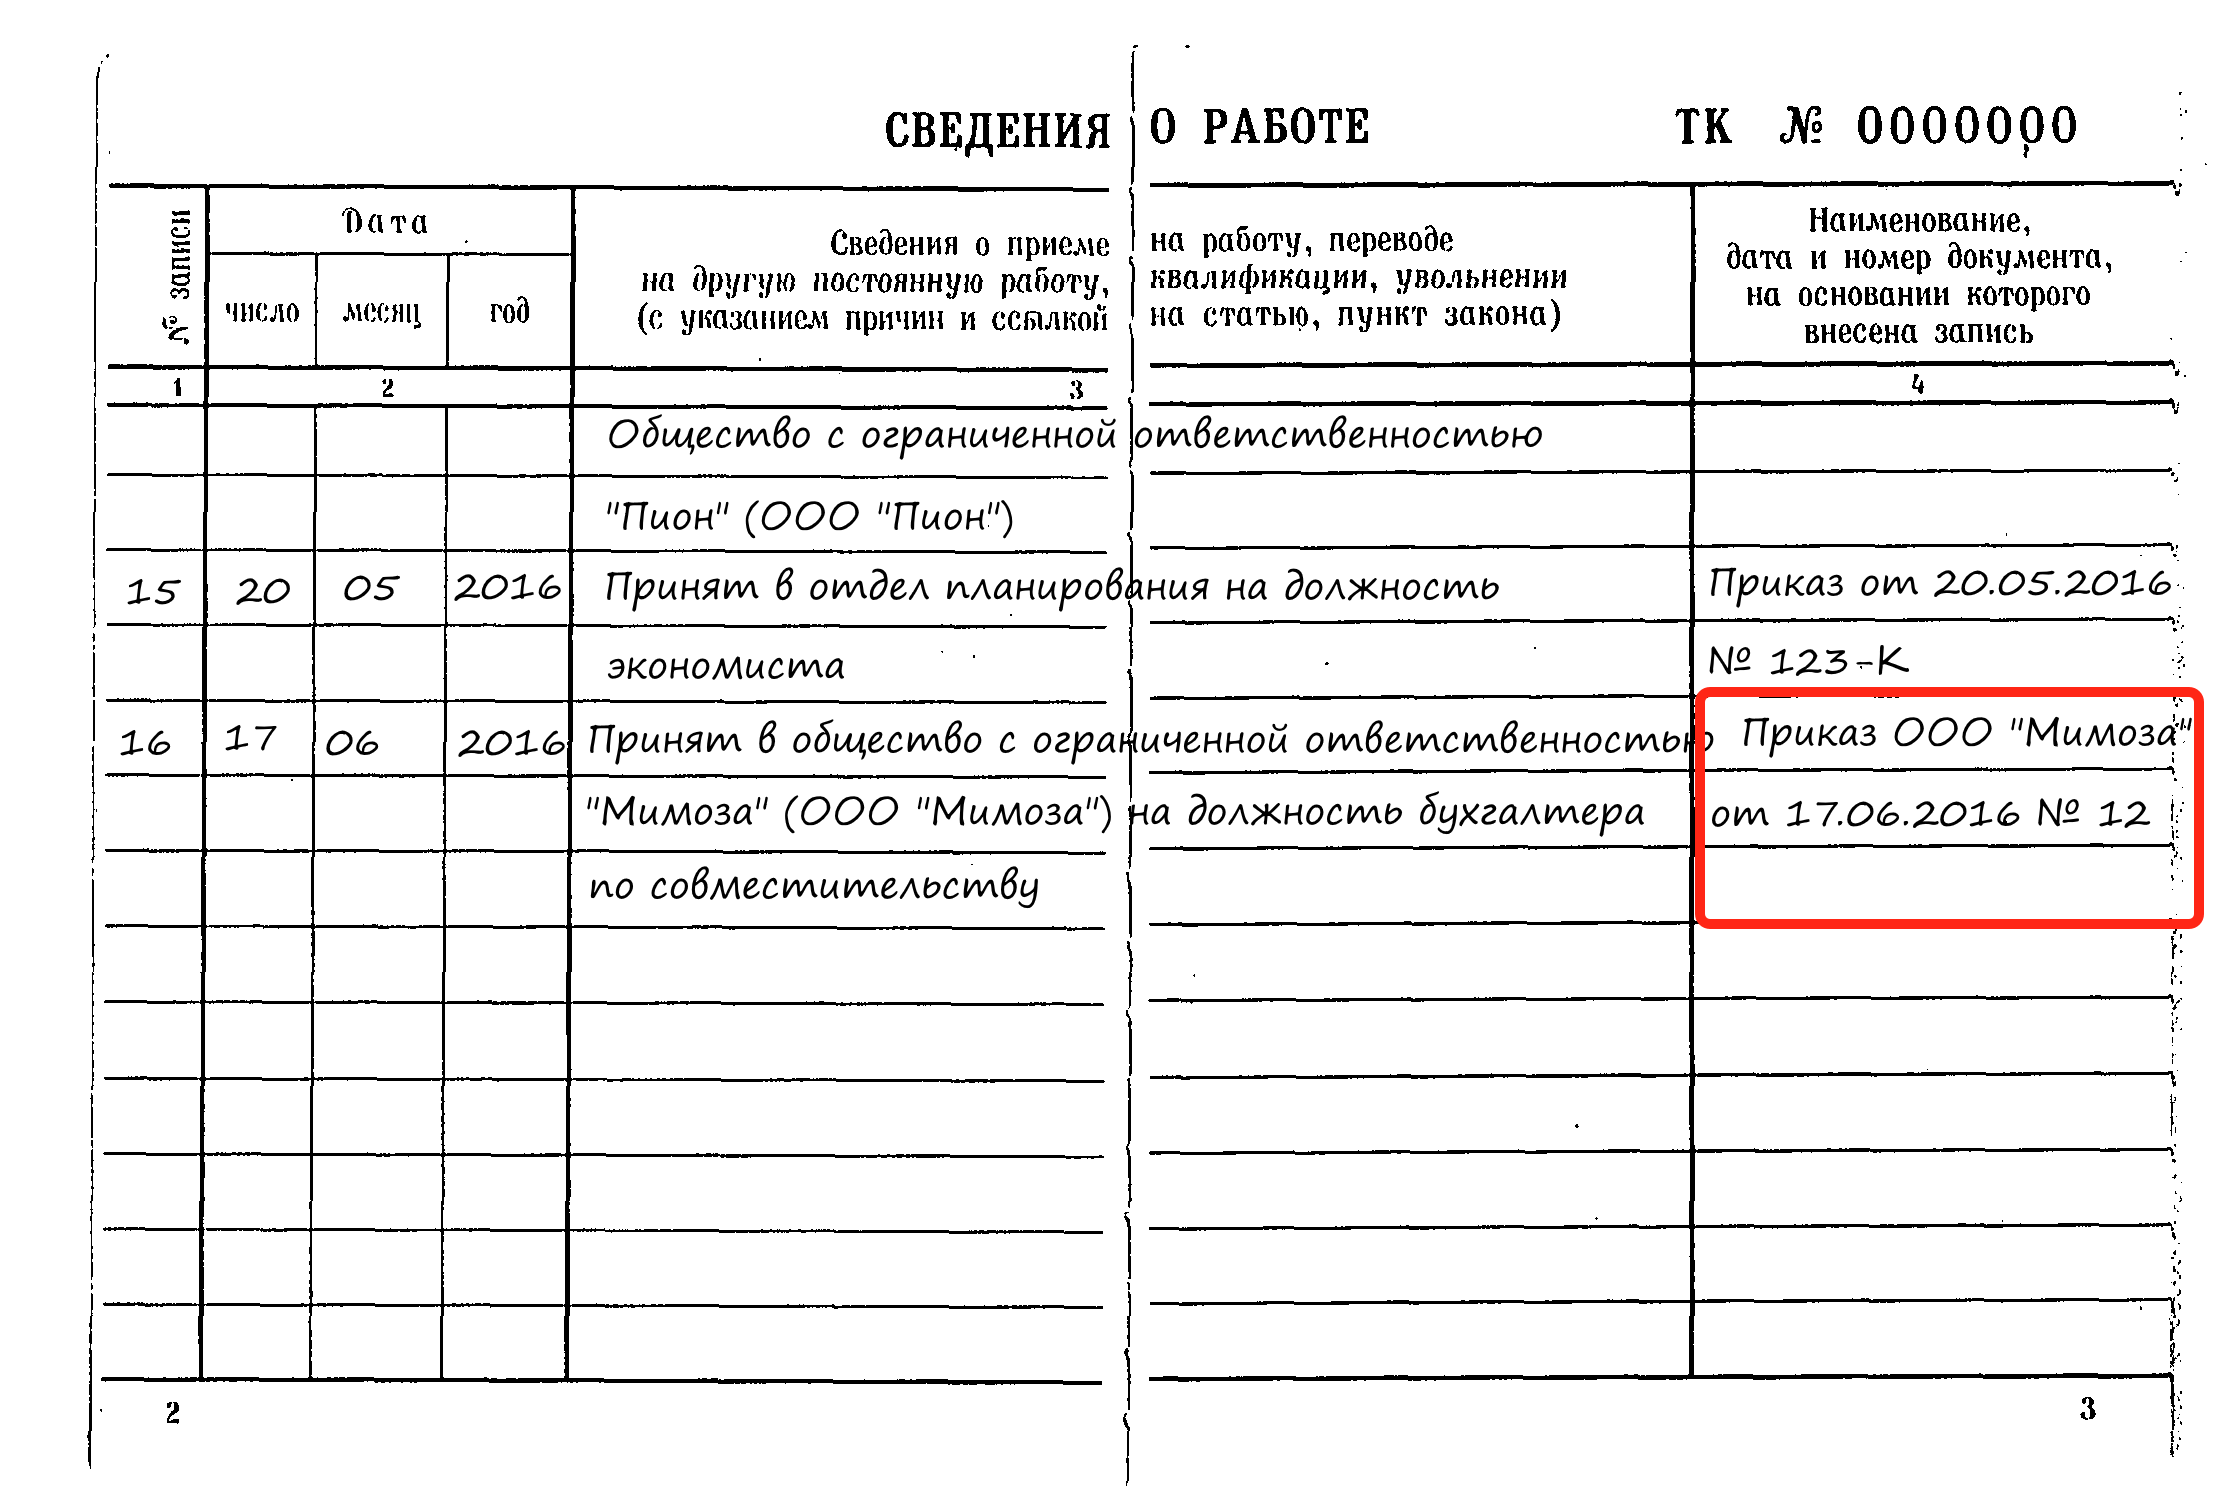 Изображение - Оформление записи об увольнении совместителя в трудовую книжку 5